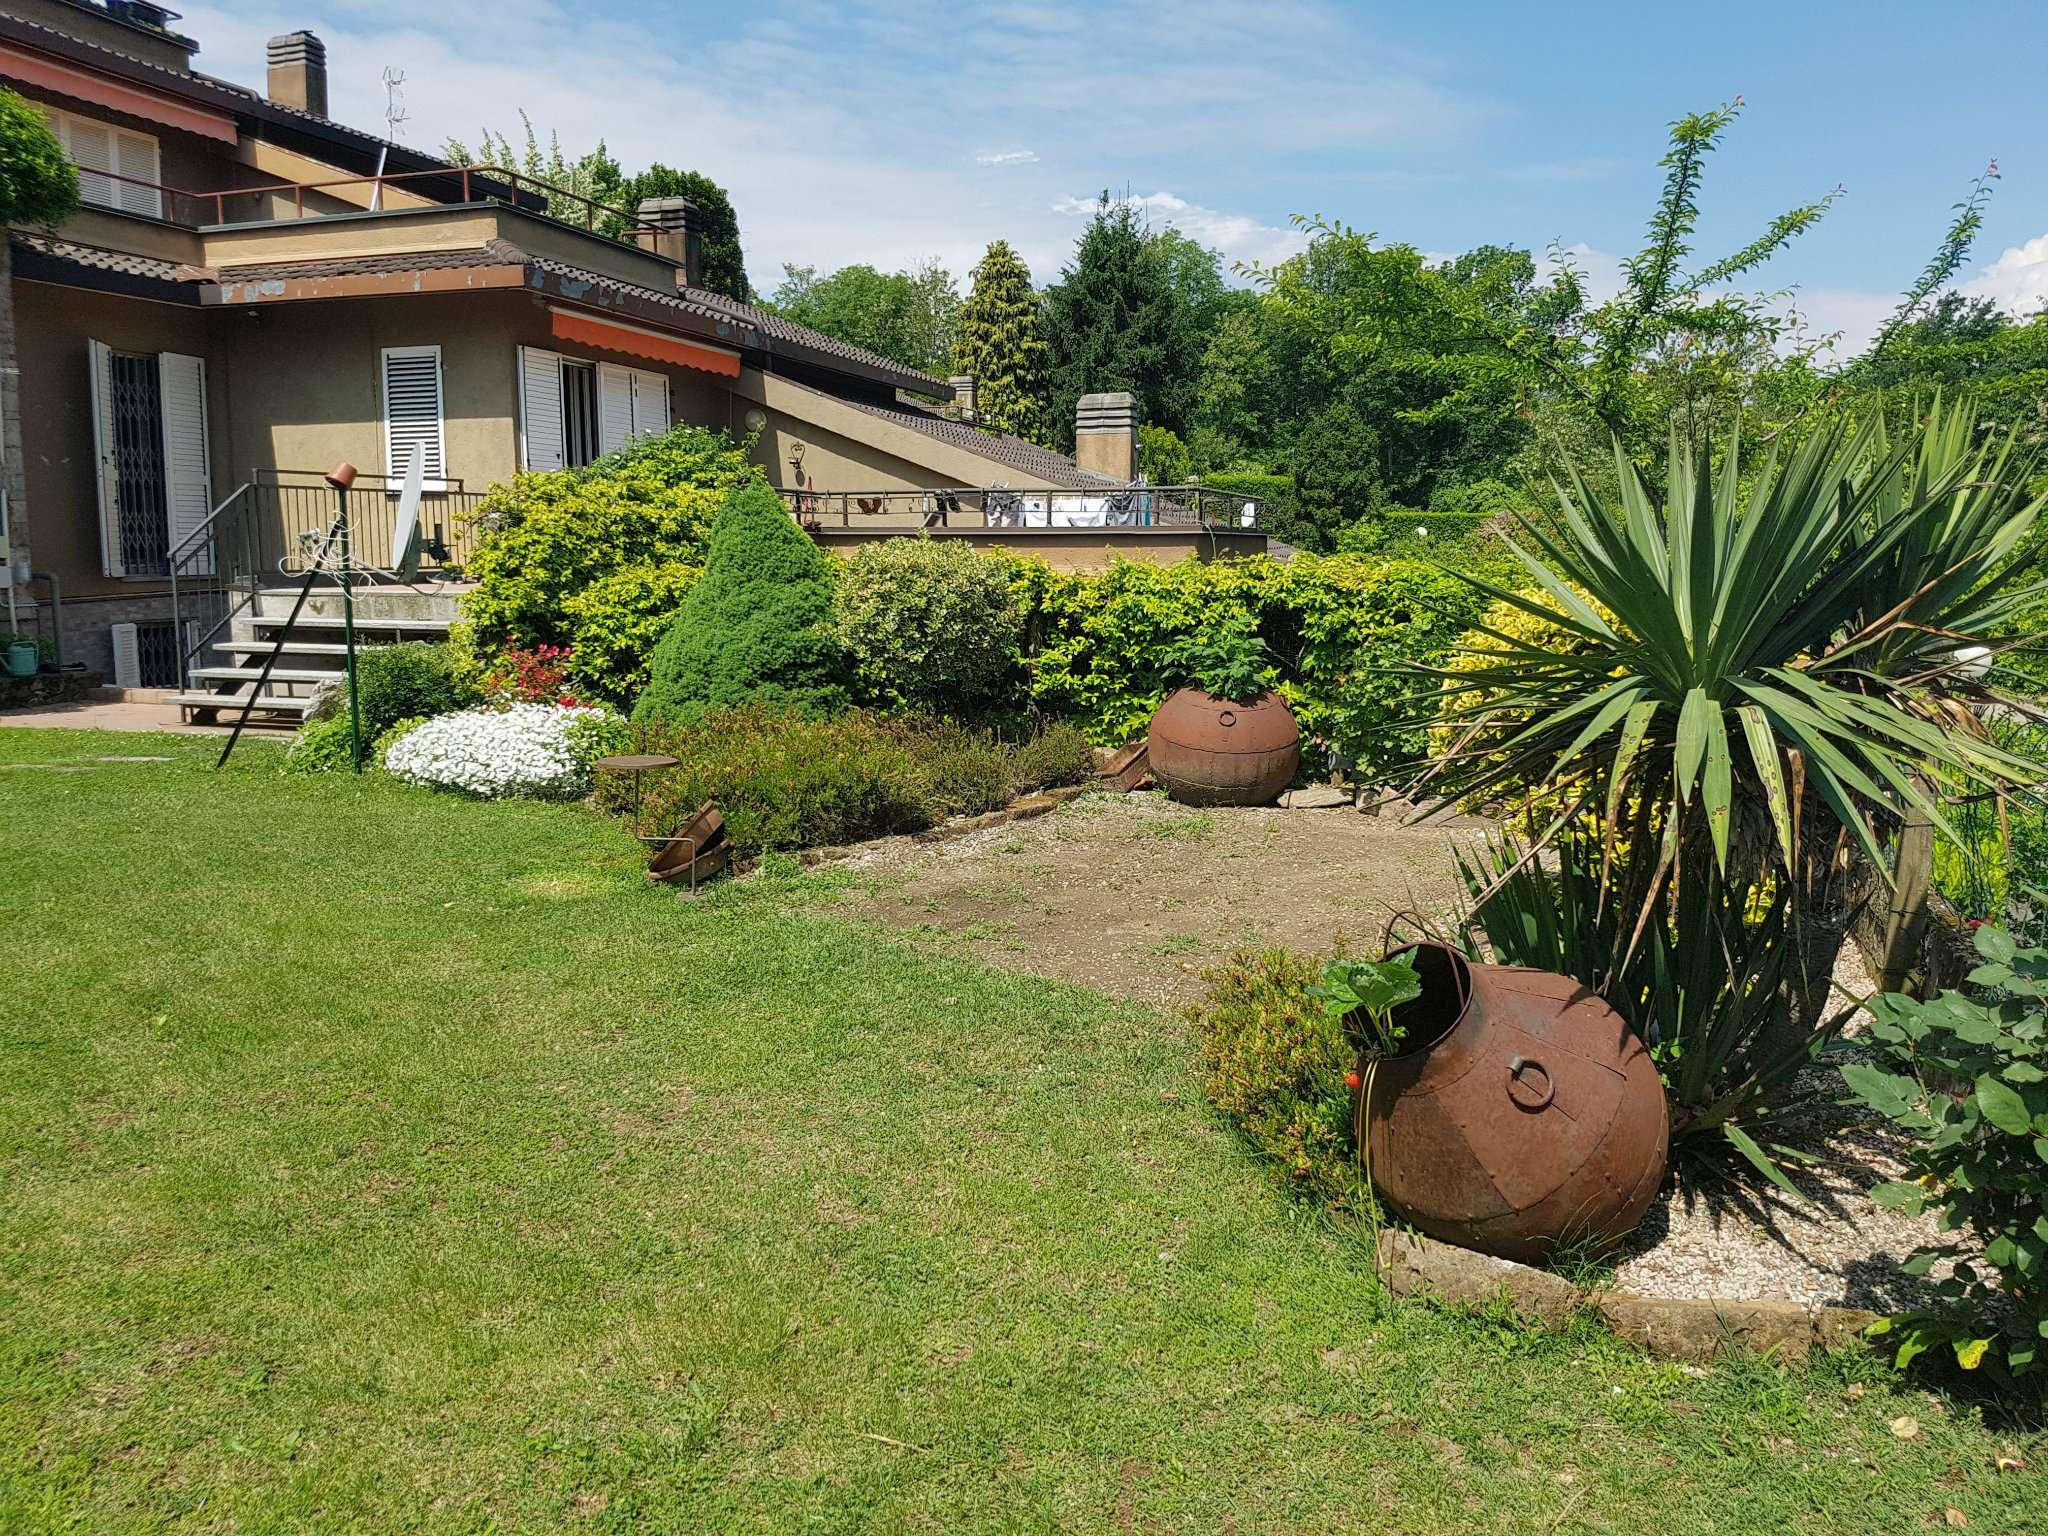 Villa in vendita a Bregano, 4 locali, prezzo € 228.000 | CambioCasa.it